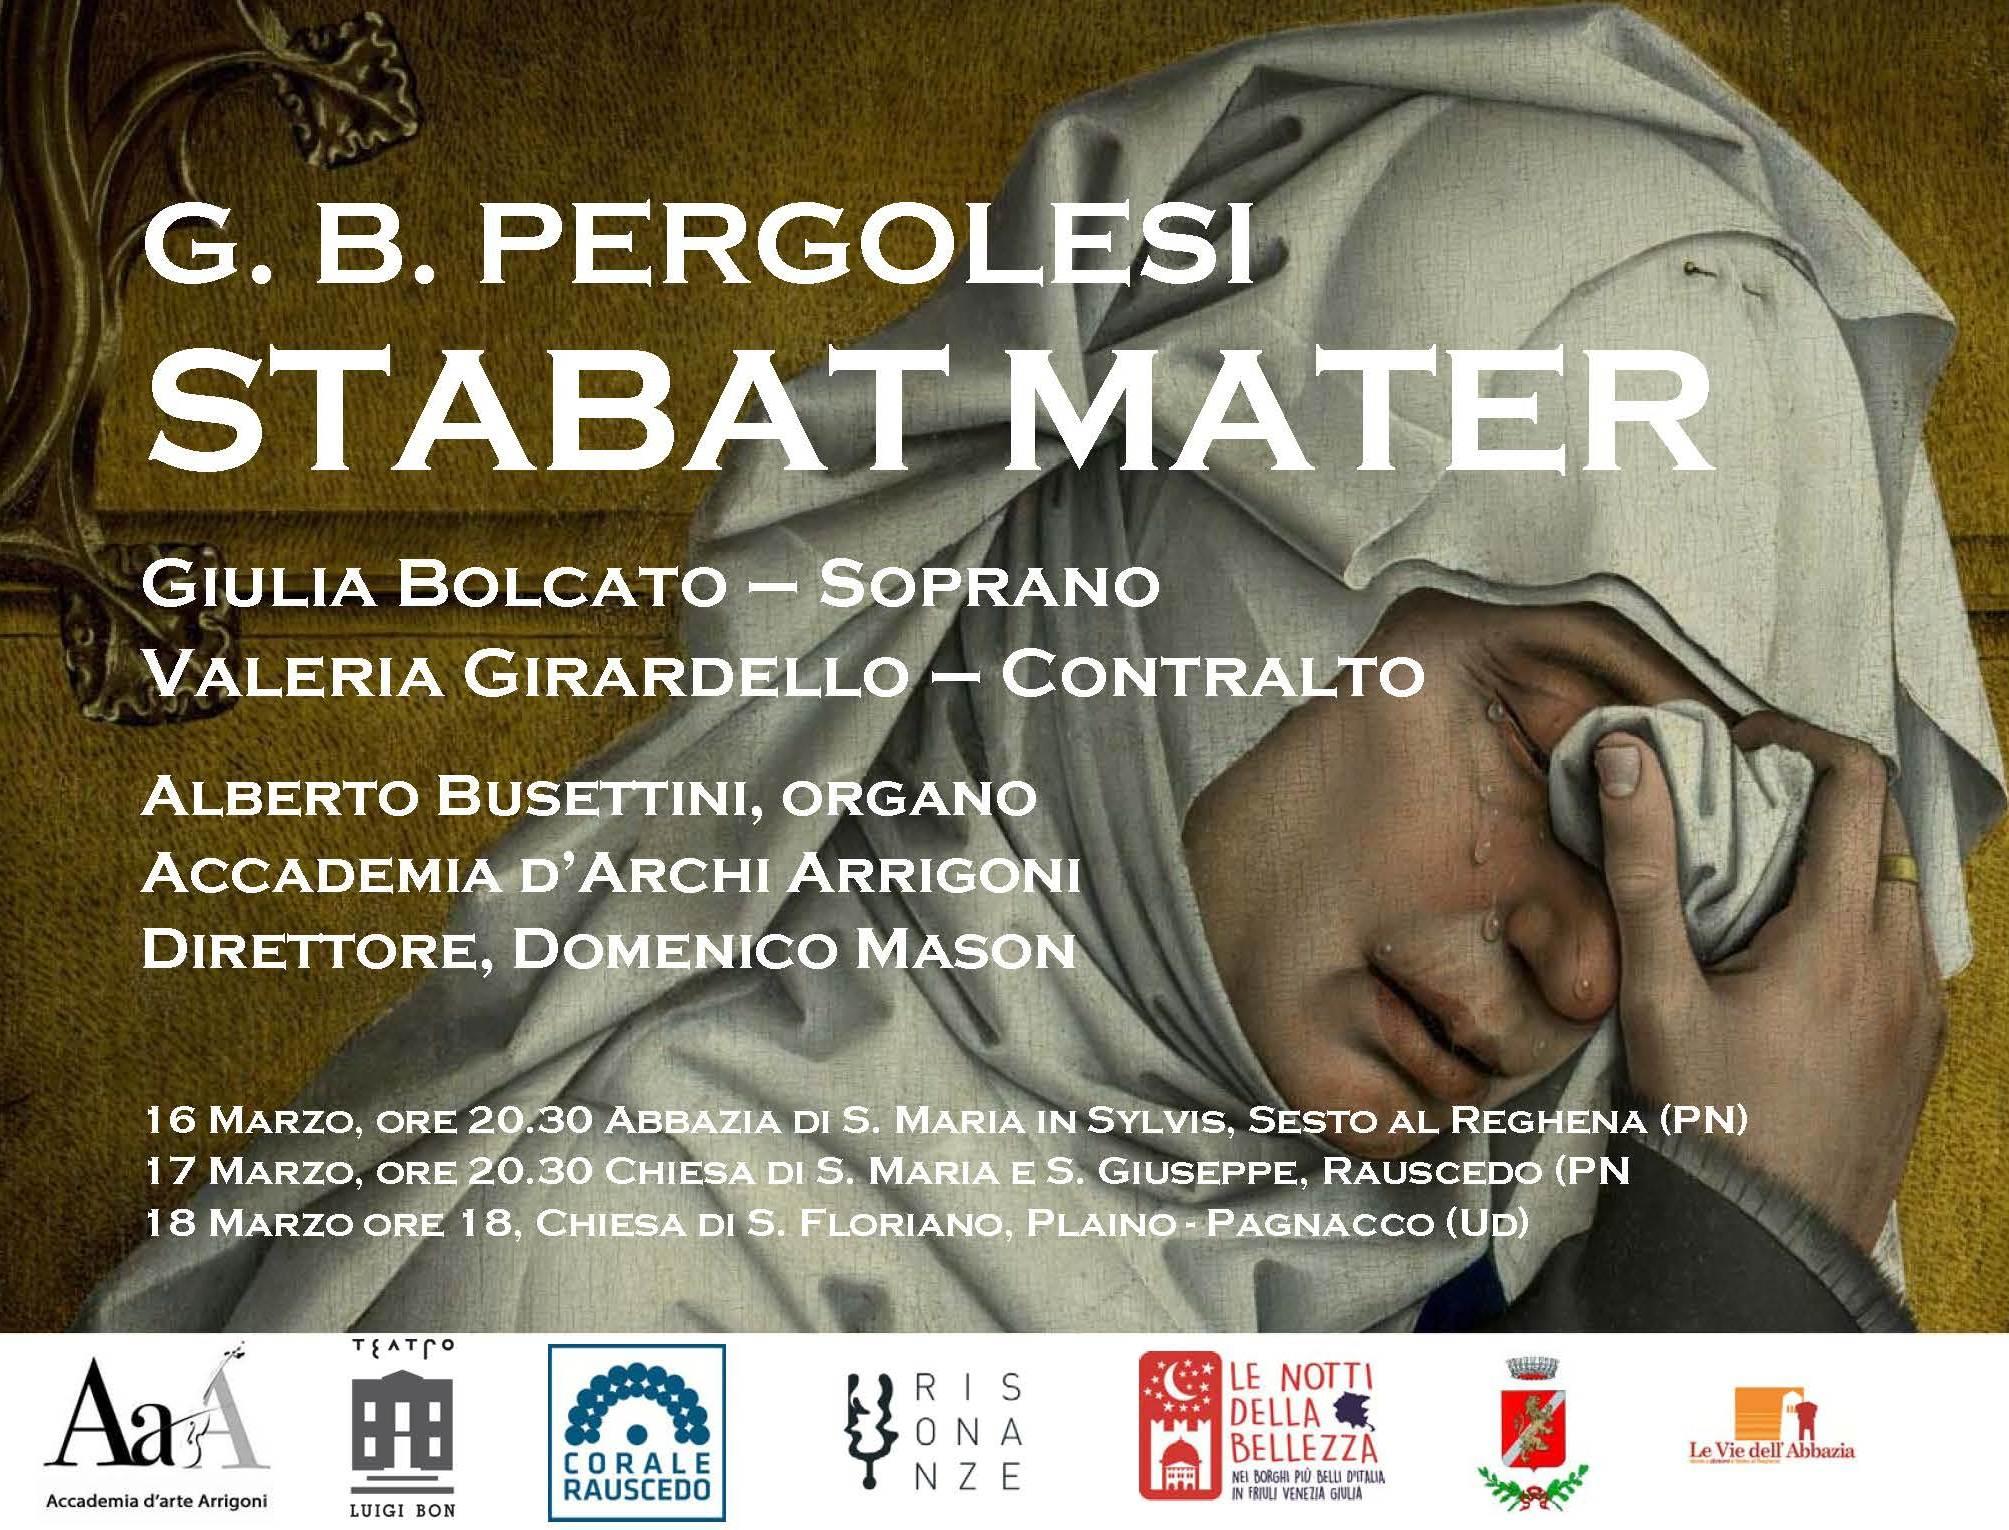 G.B. PERGOLESI – STABAT MATER